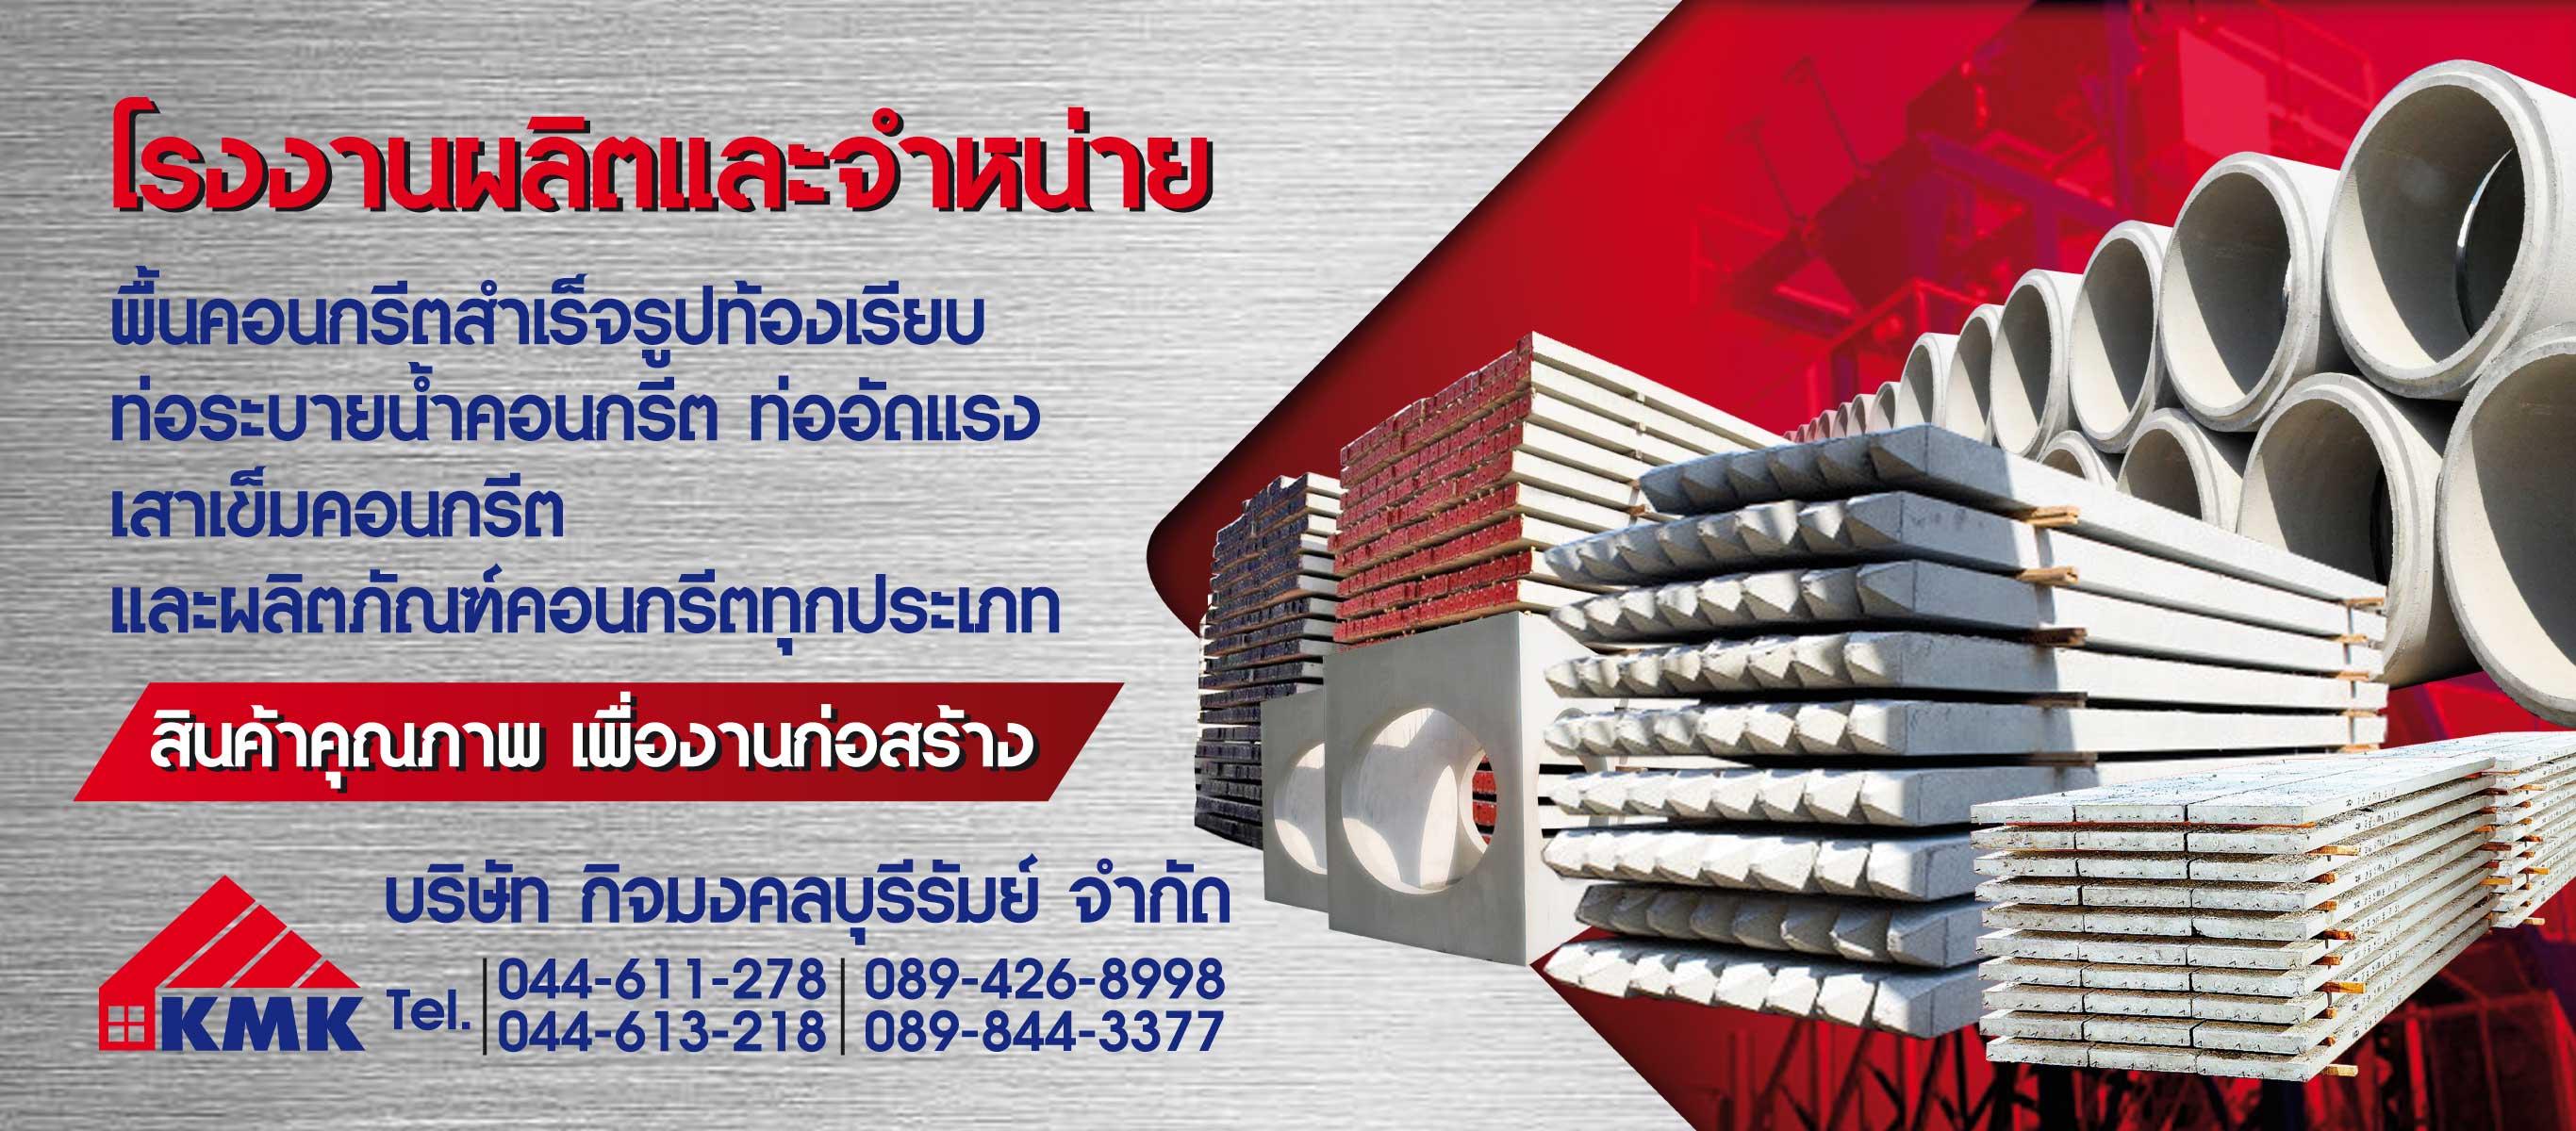 กิจมงคลบุรีรัมย์-วัสดุก่อสร้าง